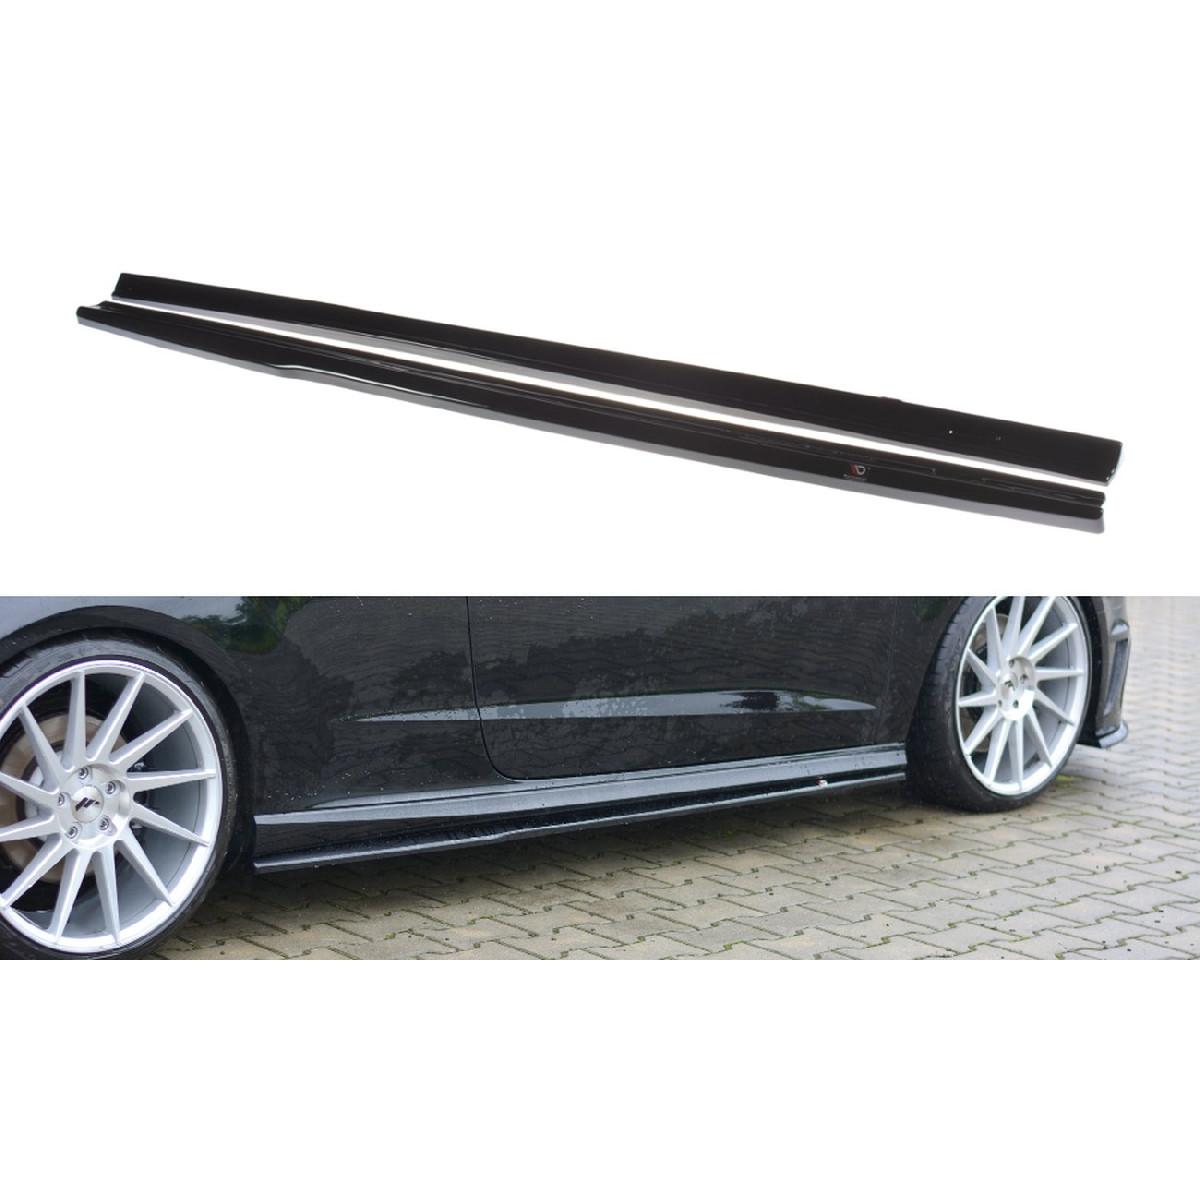 Seitenschweller Ansatz Cup Leisten für Audi S3 / A3 S-Line 8V / 8V FL Hatchback schwarz matt